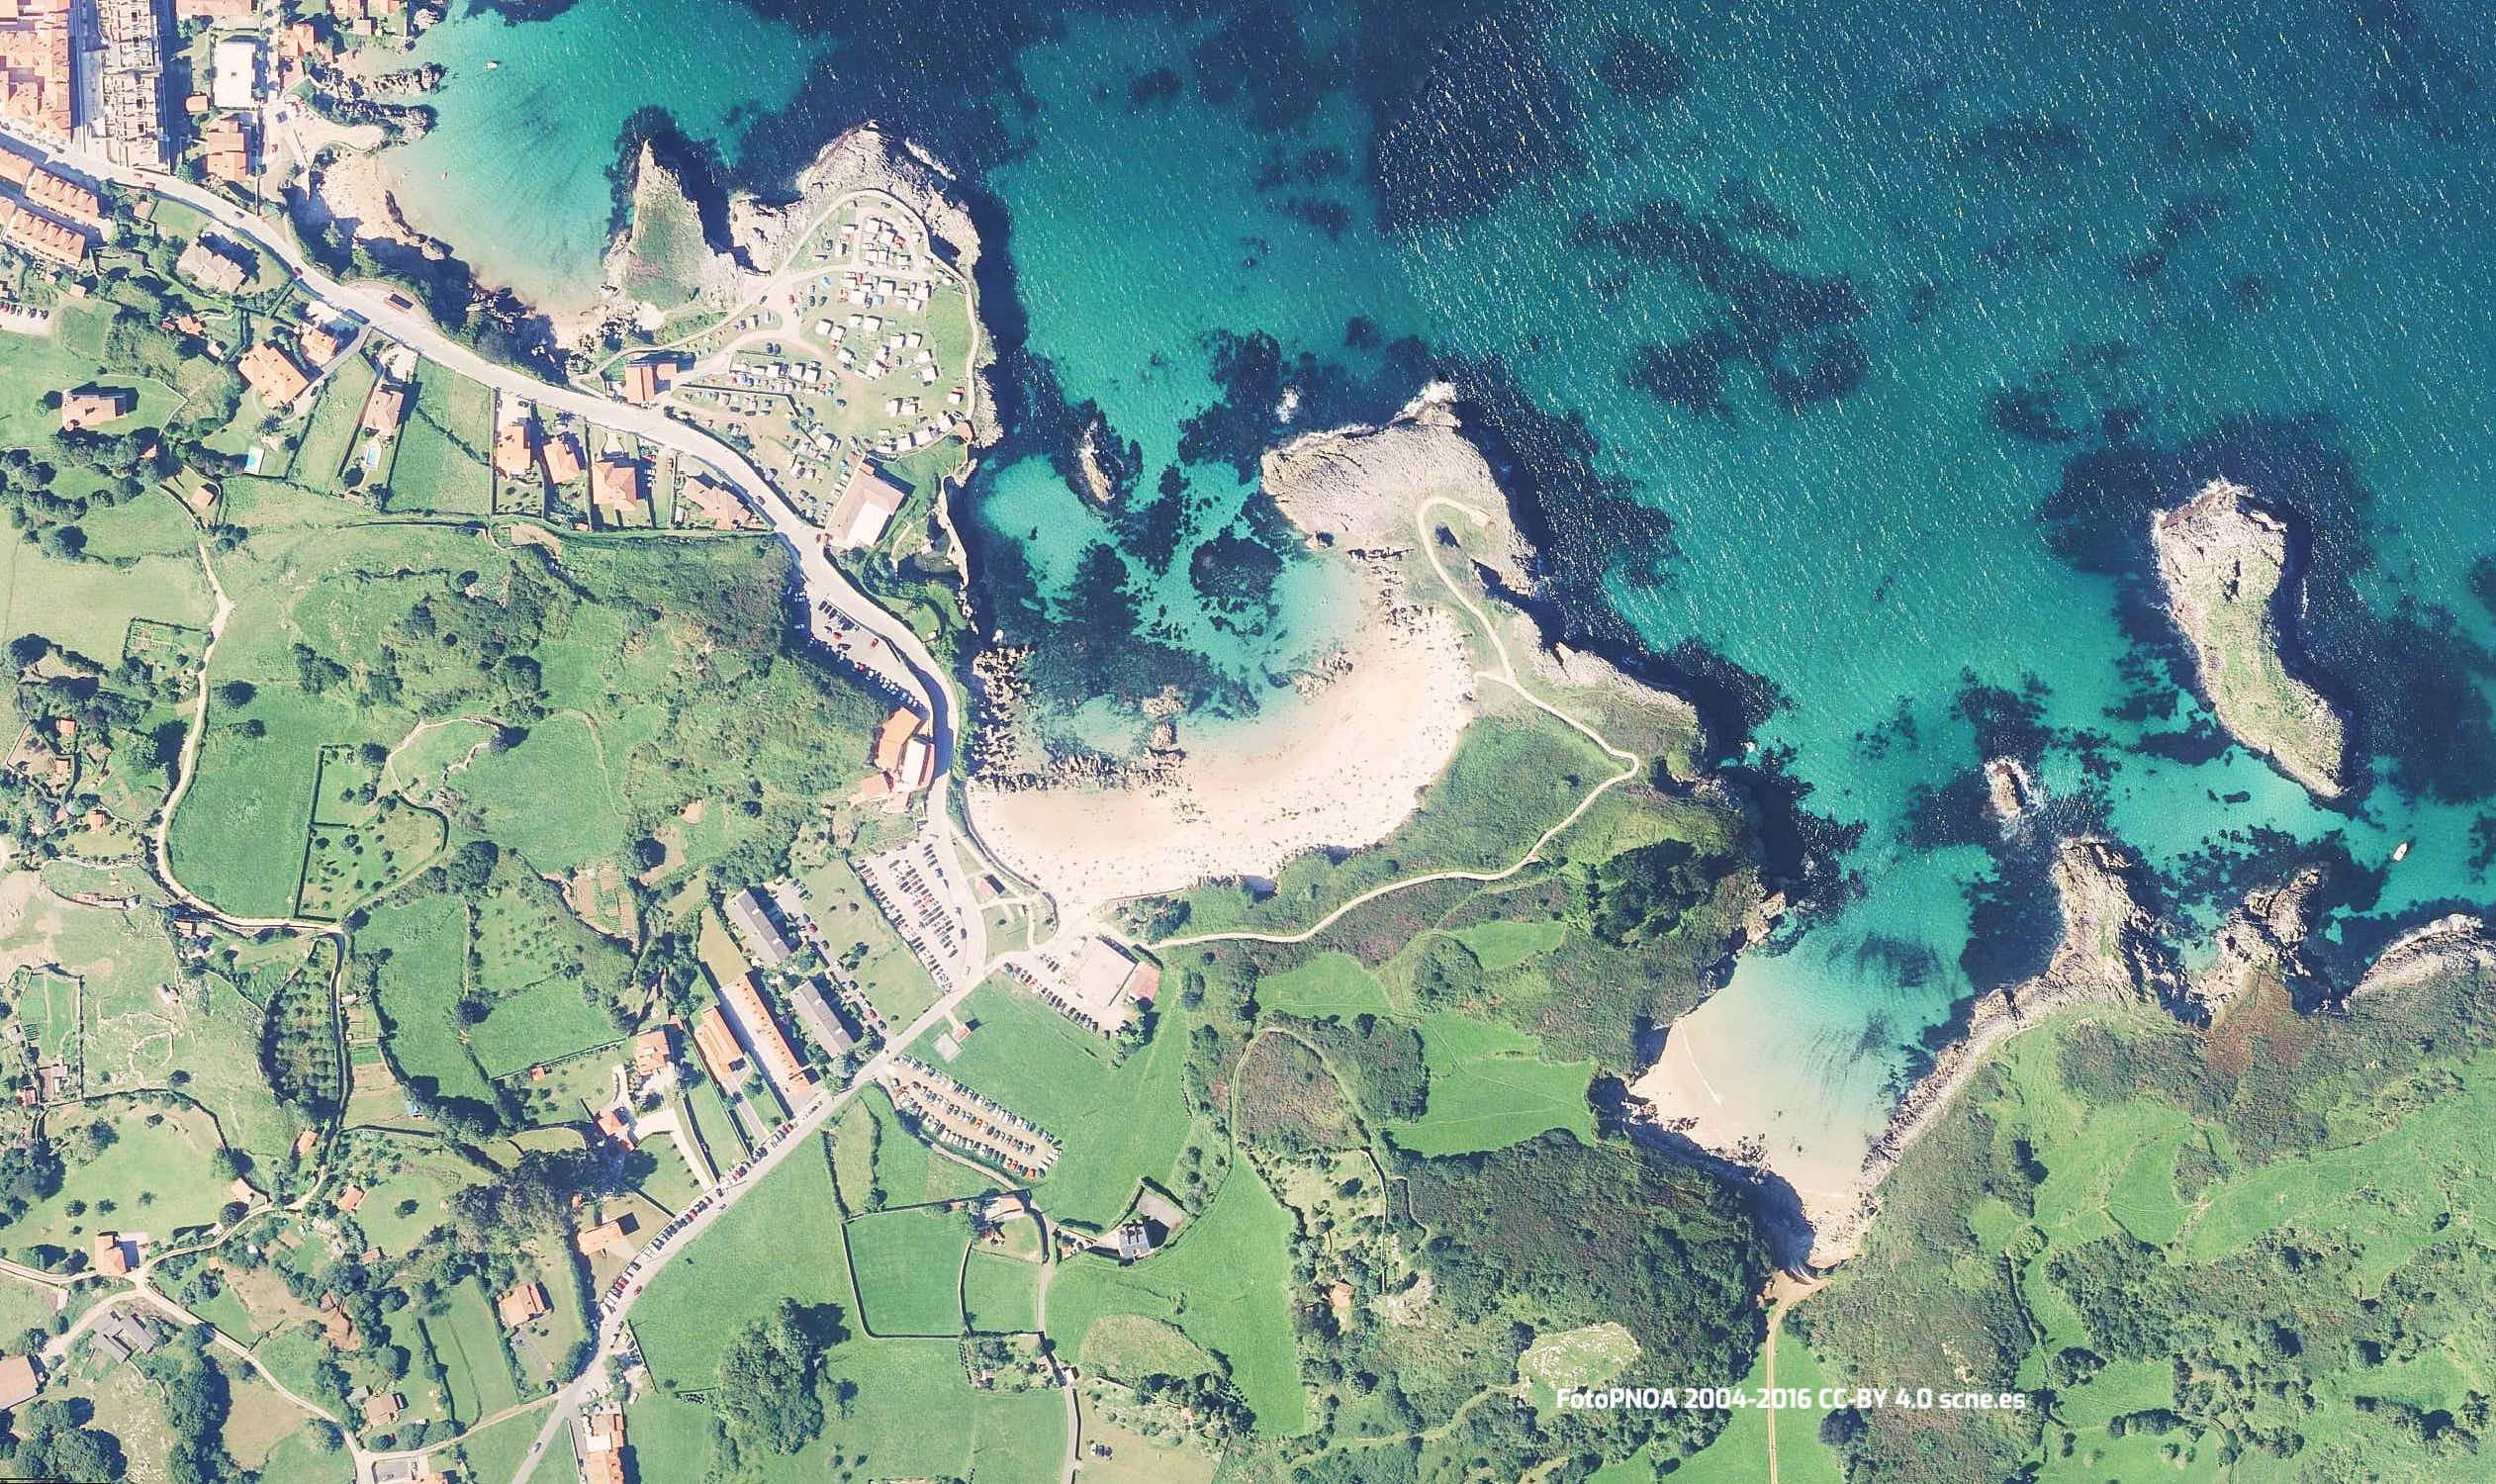 Vista aérea de la Playa de Toró, en Llanes, Asturias